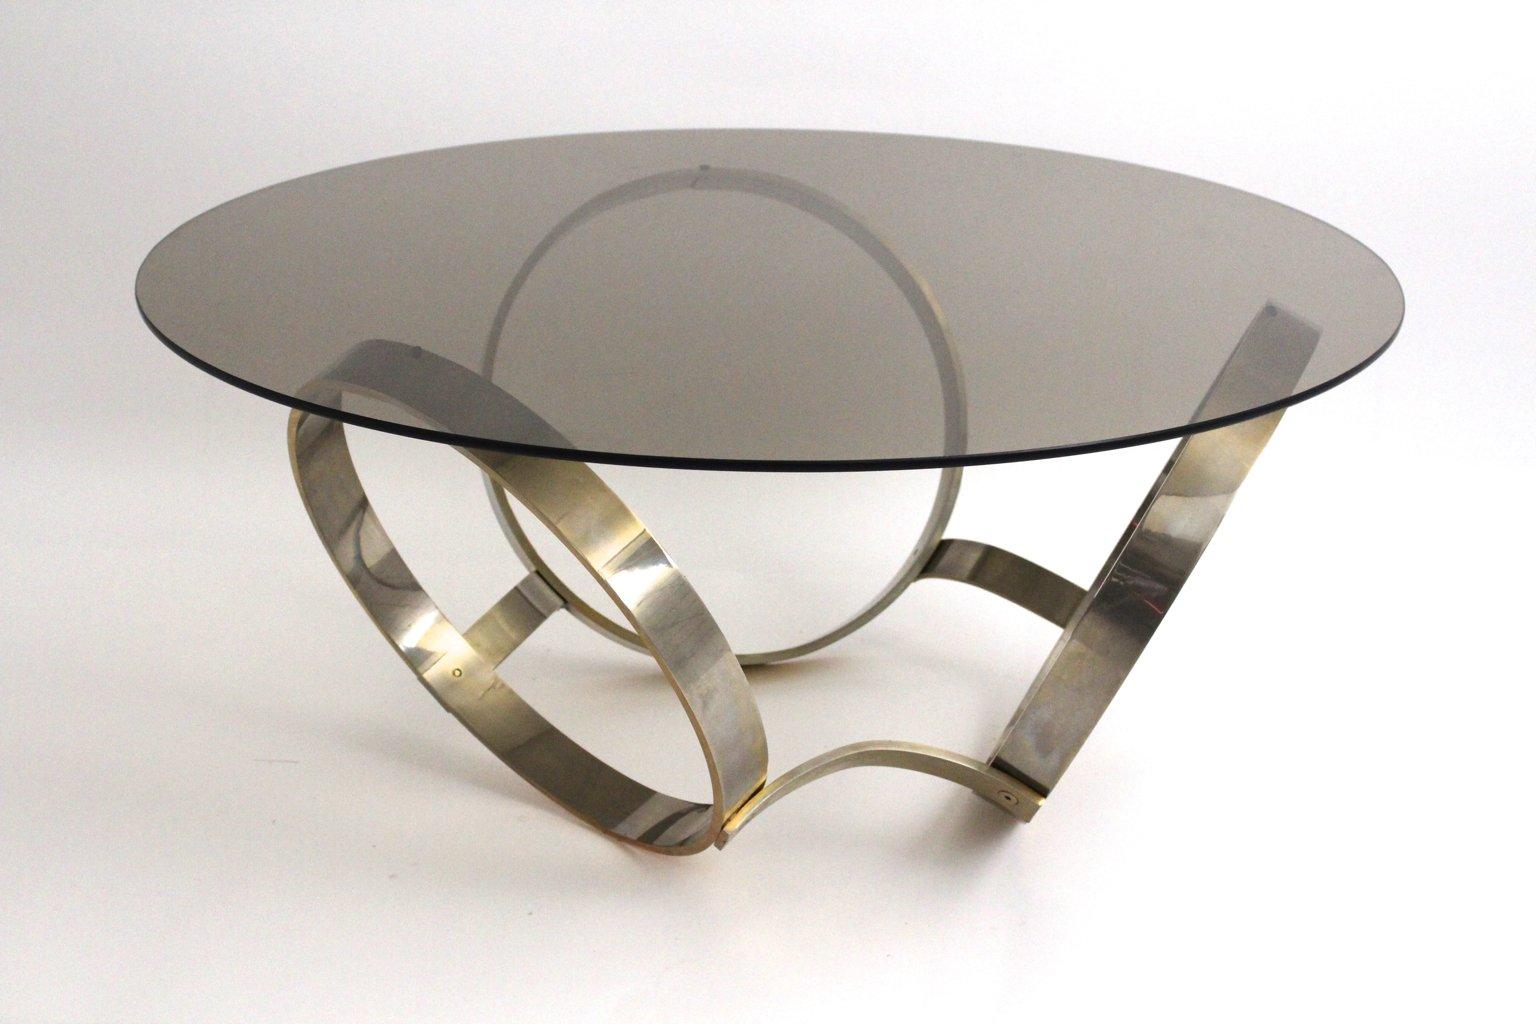 couchtisch aus rauchglas mit drei ring gestell 1970er bei. Black Bedroom Furniture Sets. Home Design Ideas